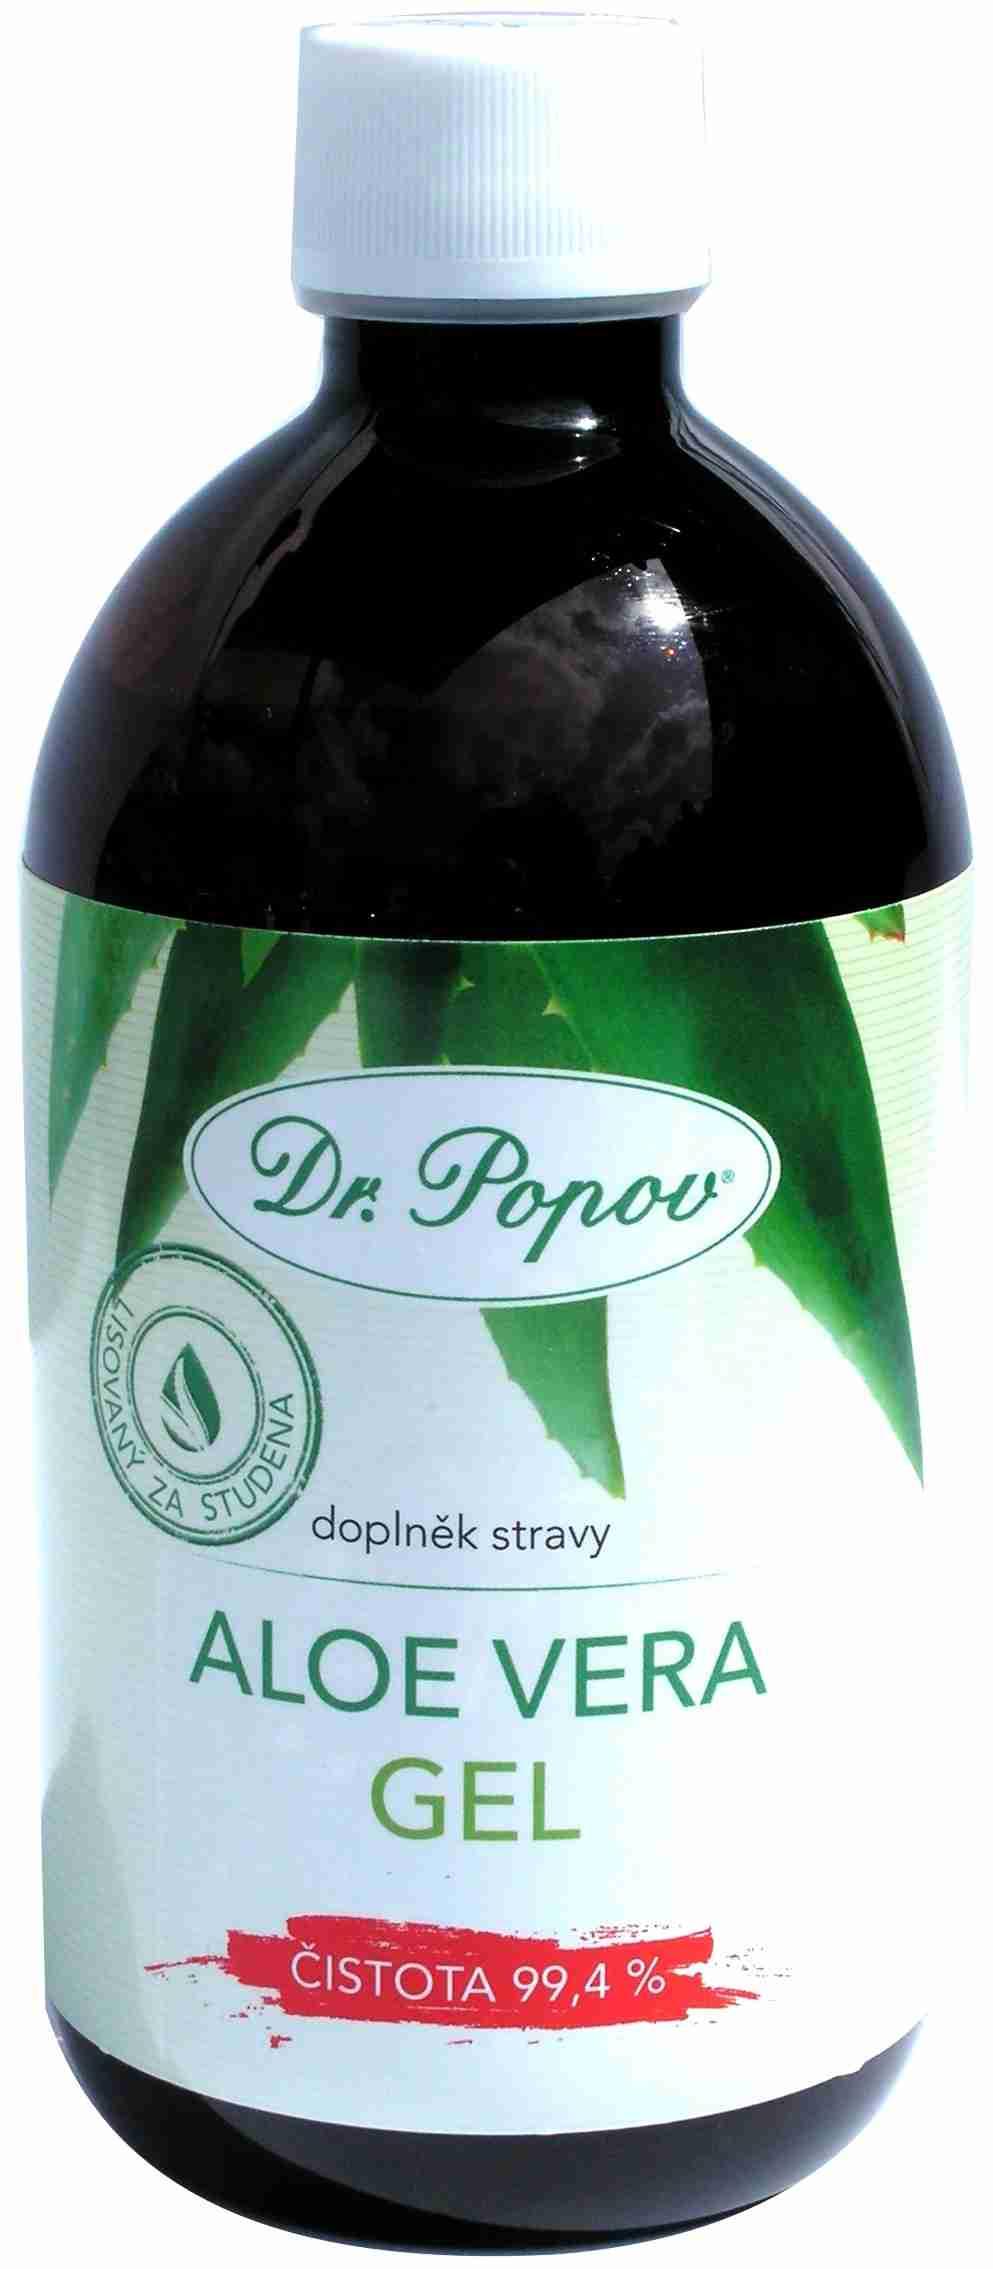 DR. POPOV Aloe Vera gel 500 ml